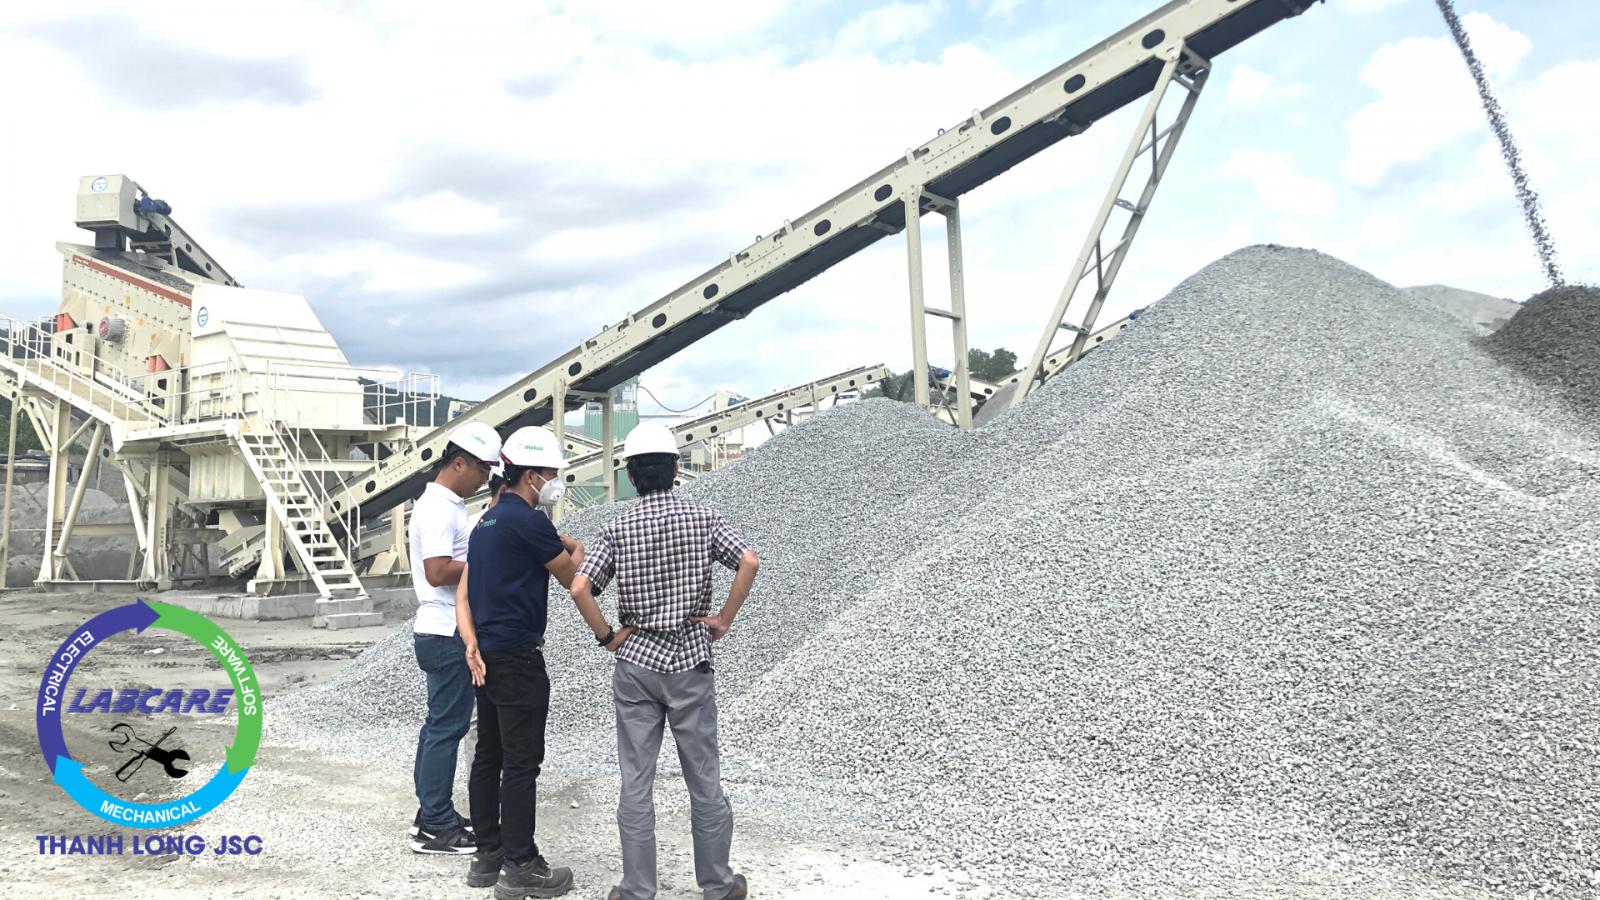 Dây chuyền nghiền đá xây dựng Metso 350 tấn/ giờ